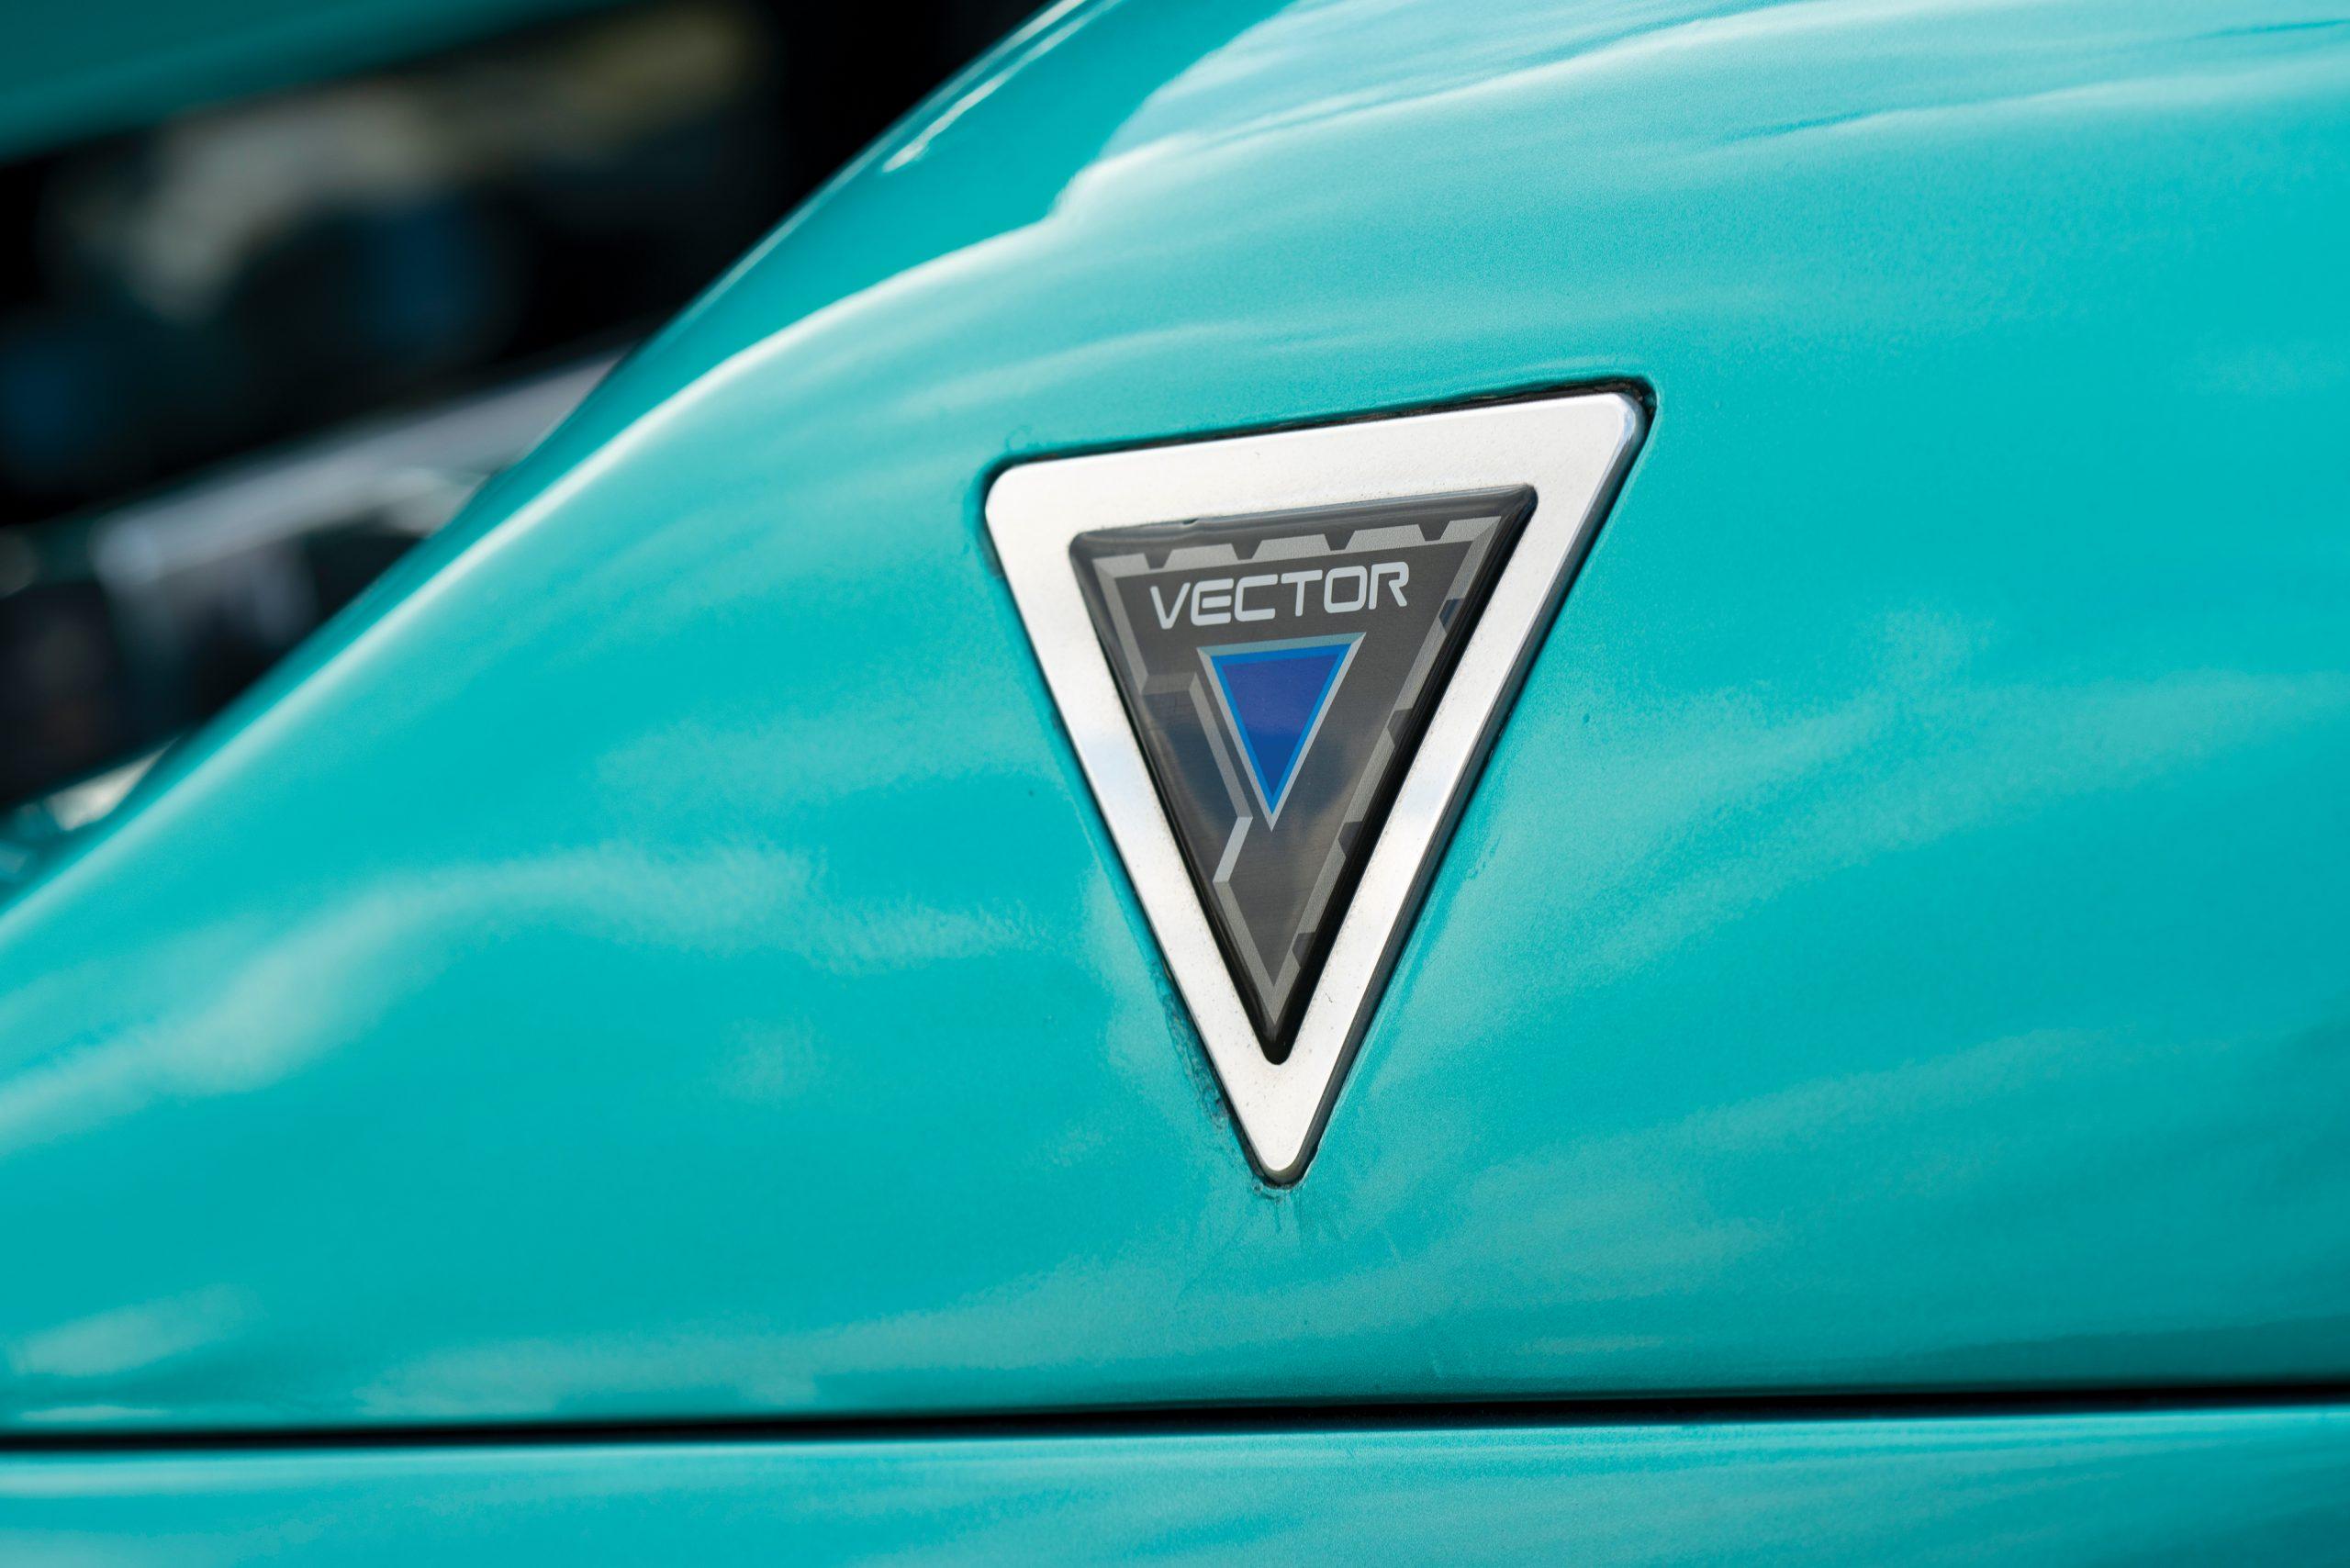 1993 Vector Avtech WX Prototype emblem